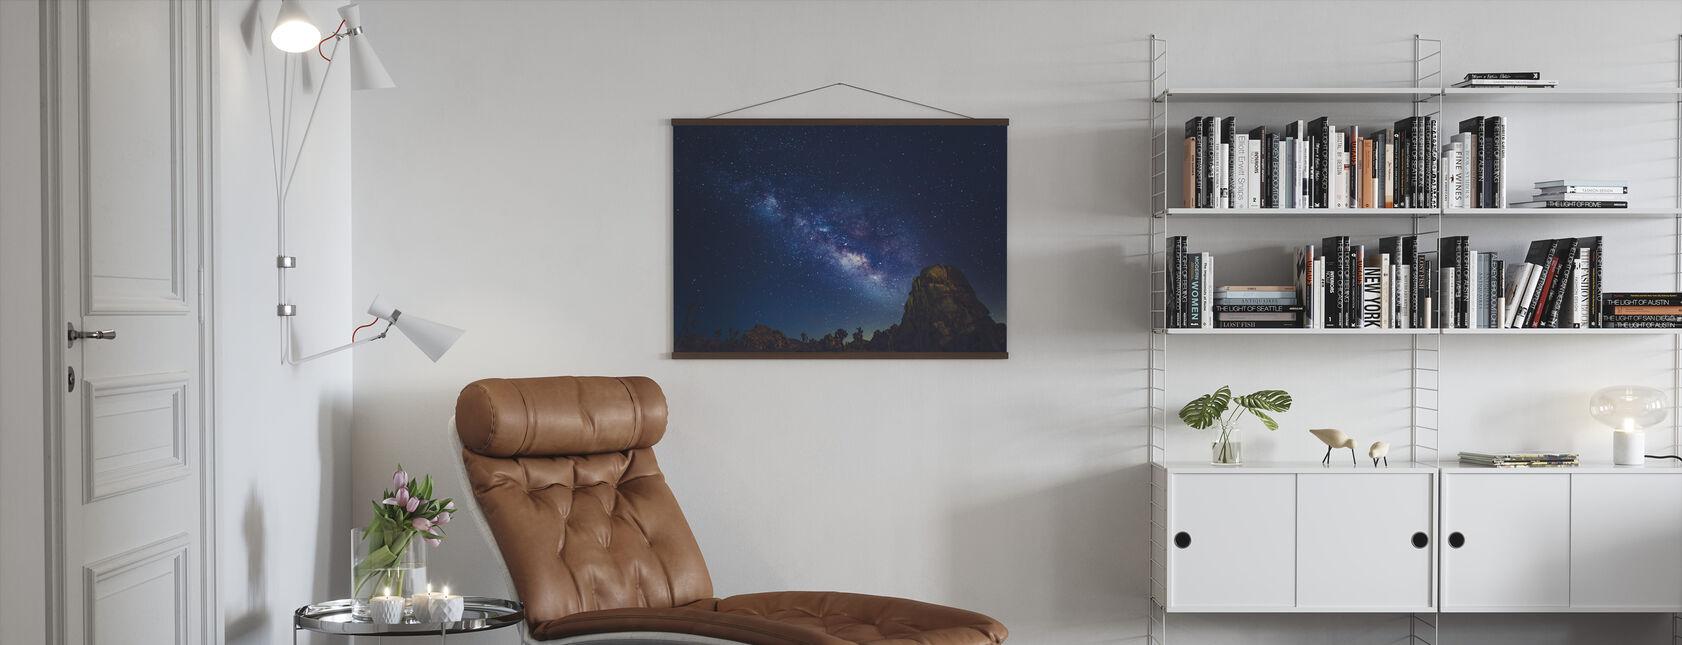 Stjerner van Joshua Tree, Californien - Plakat - Stue